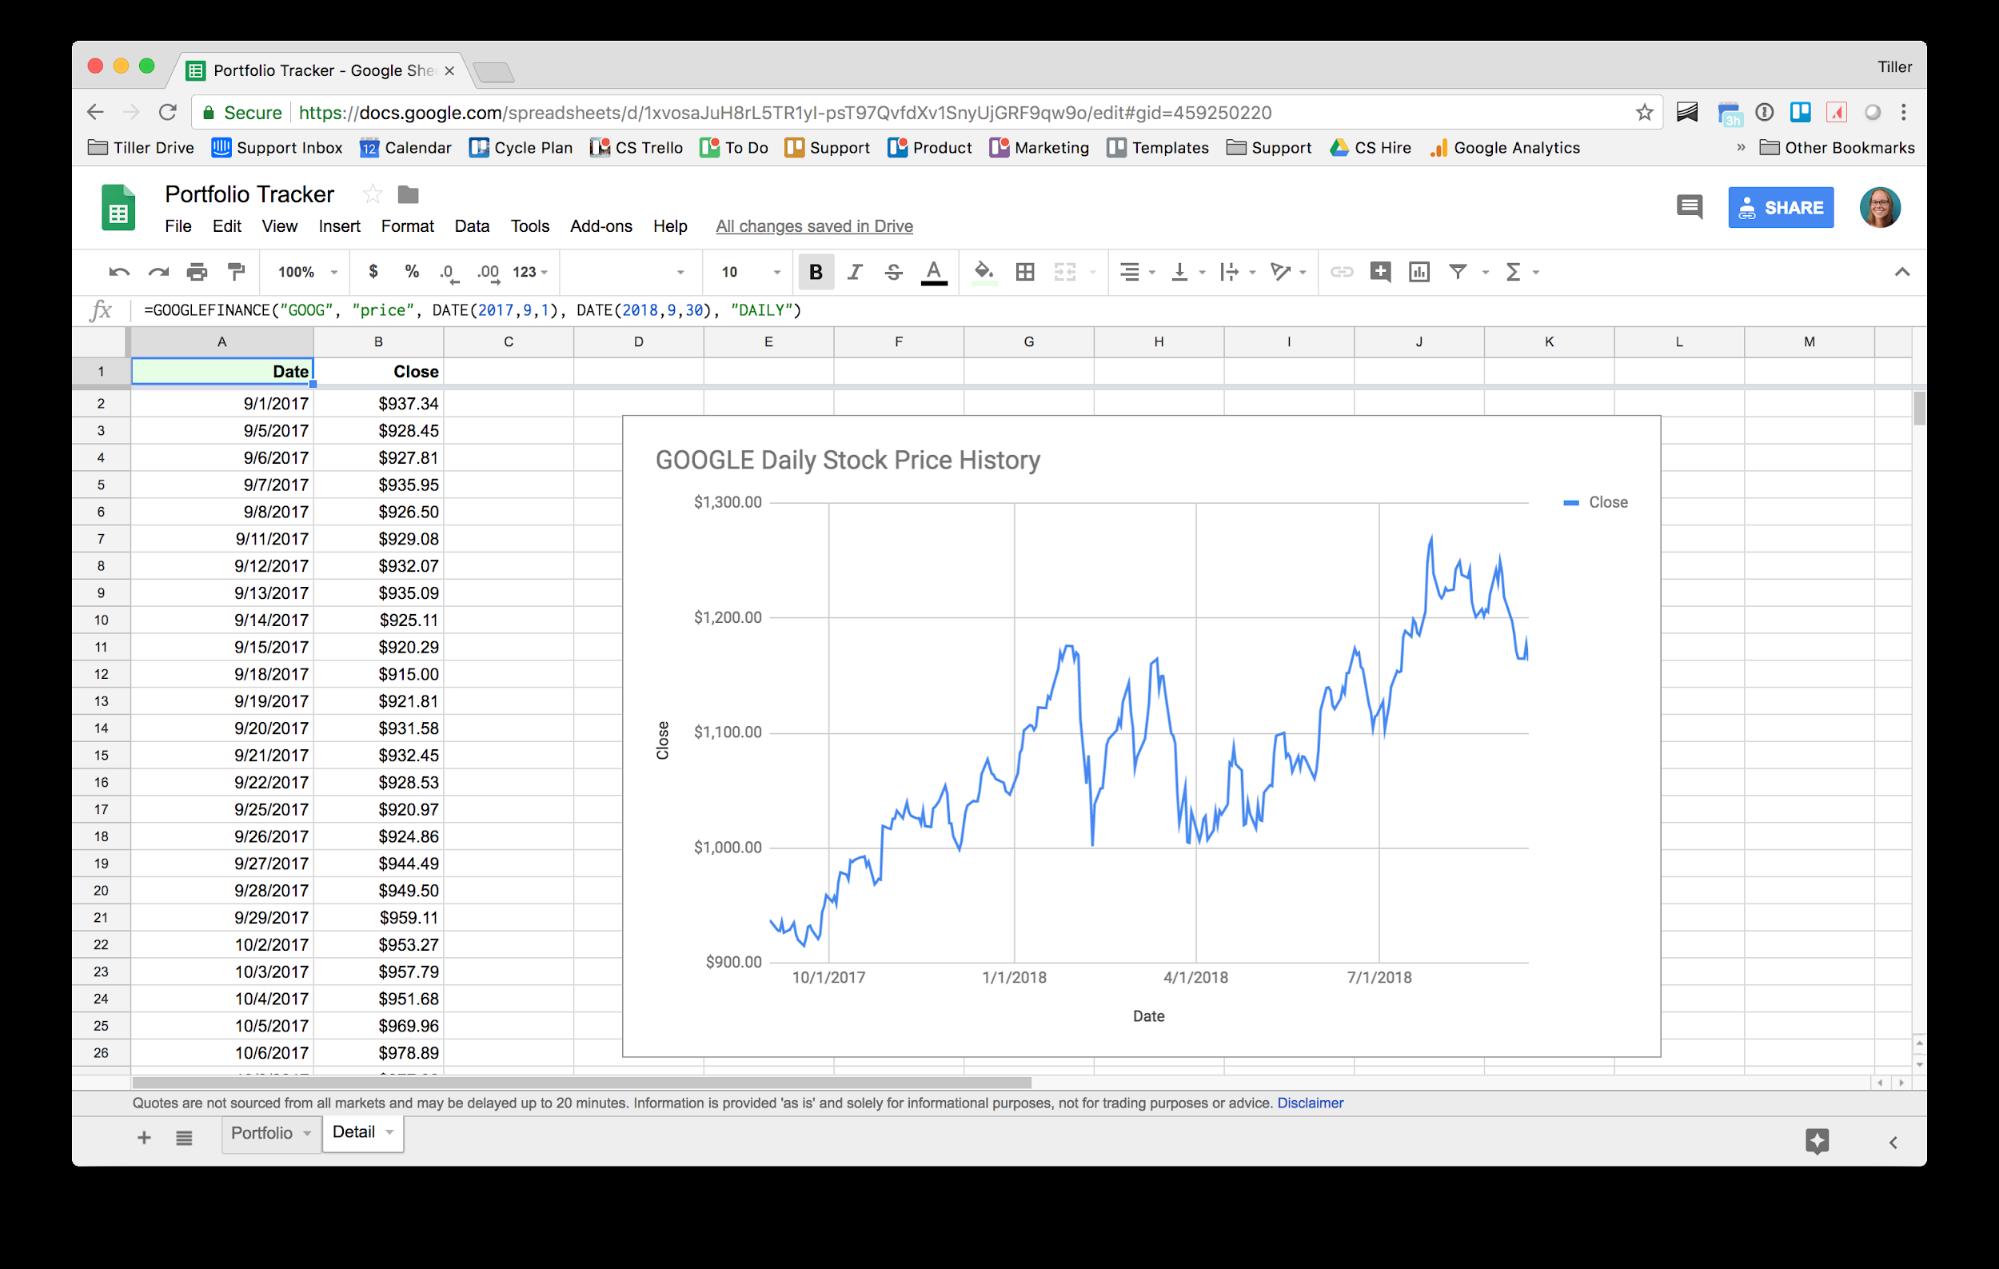 Tiller Portfolio Tracker